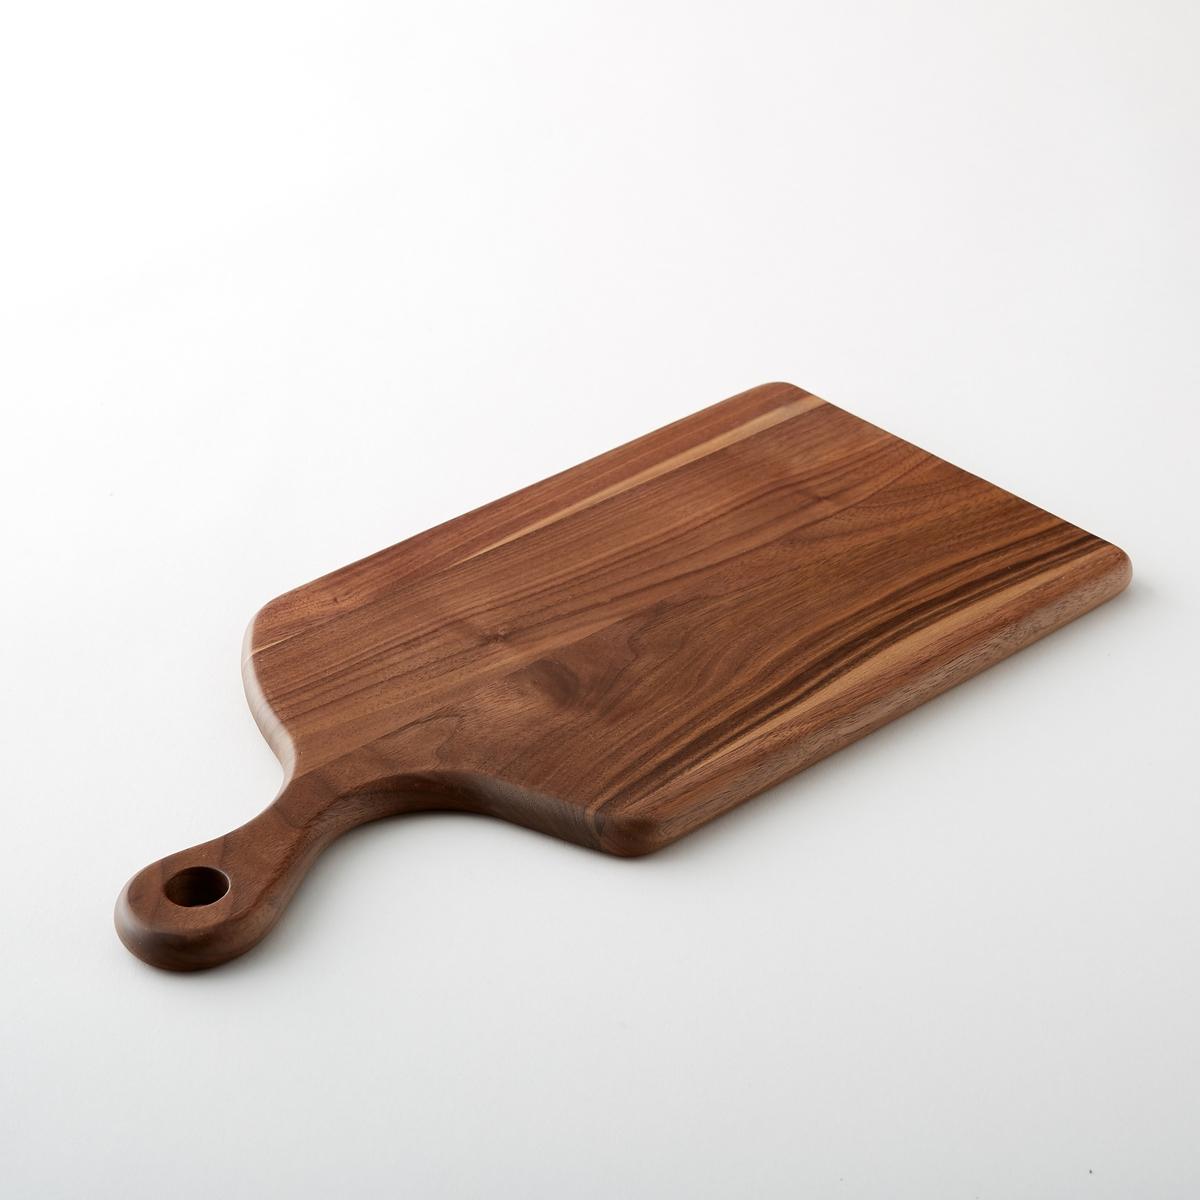 Доска разделочная из орехового дерева, большая модель, MoodwaРазделочная доска Moodwa. Элегантная и долговечная доска из массива ореха. Моется вручную, не оставлять в воде. Размеры : Ш.40,6 x В.1,5 x Г.20,1 см.<br><br>Цвет: дерево орех<br>Размер: единый размер